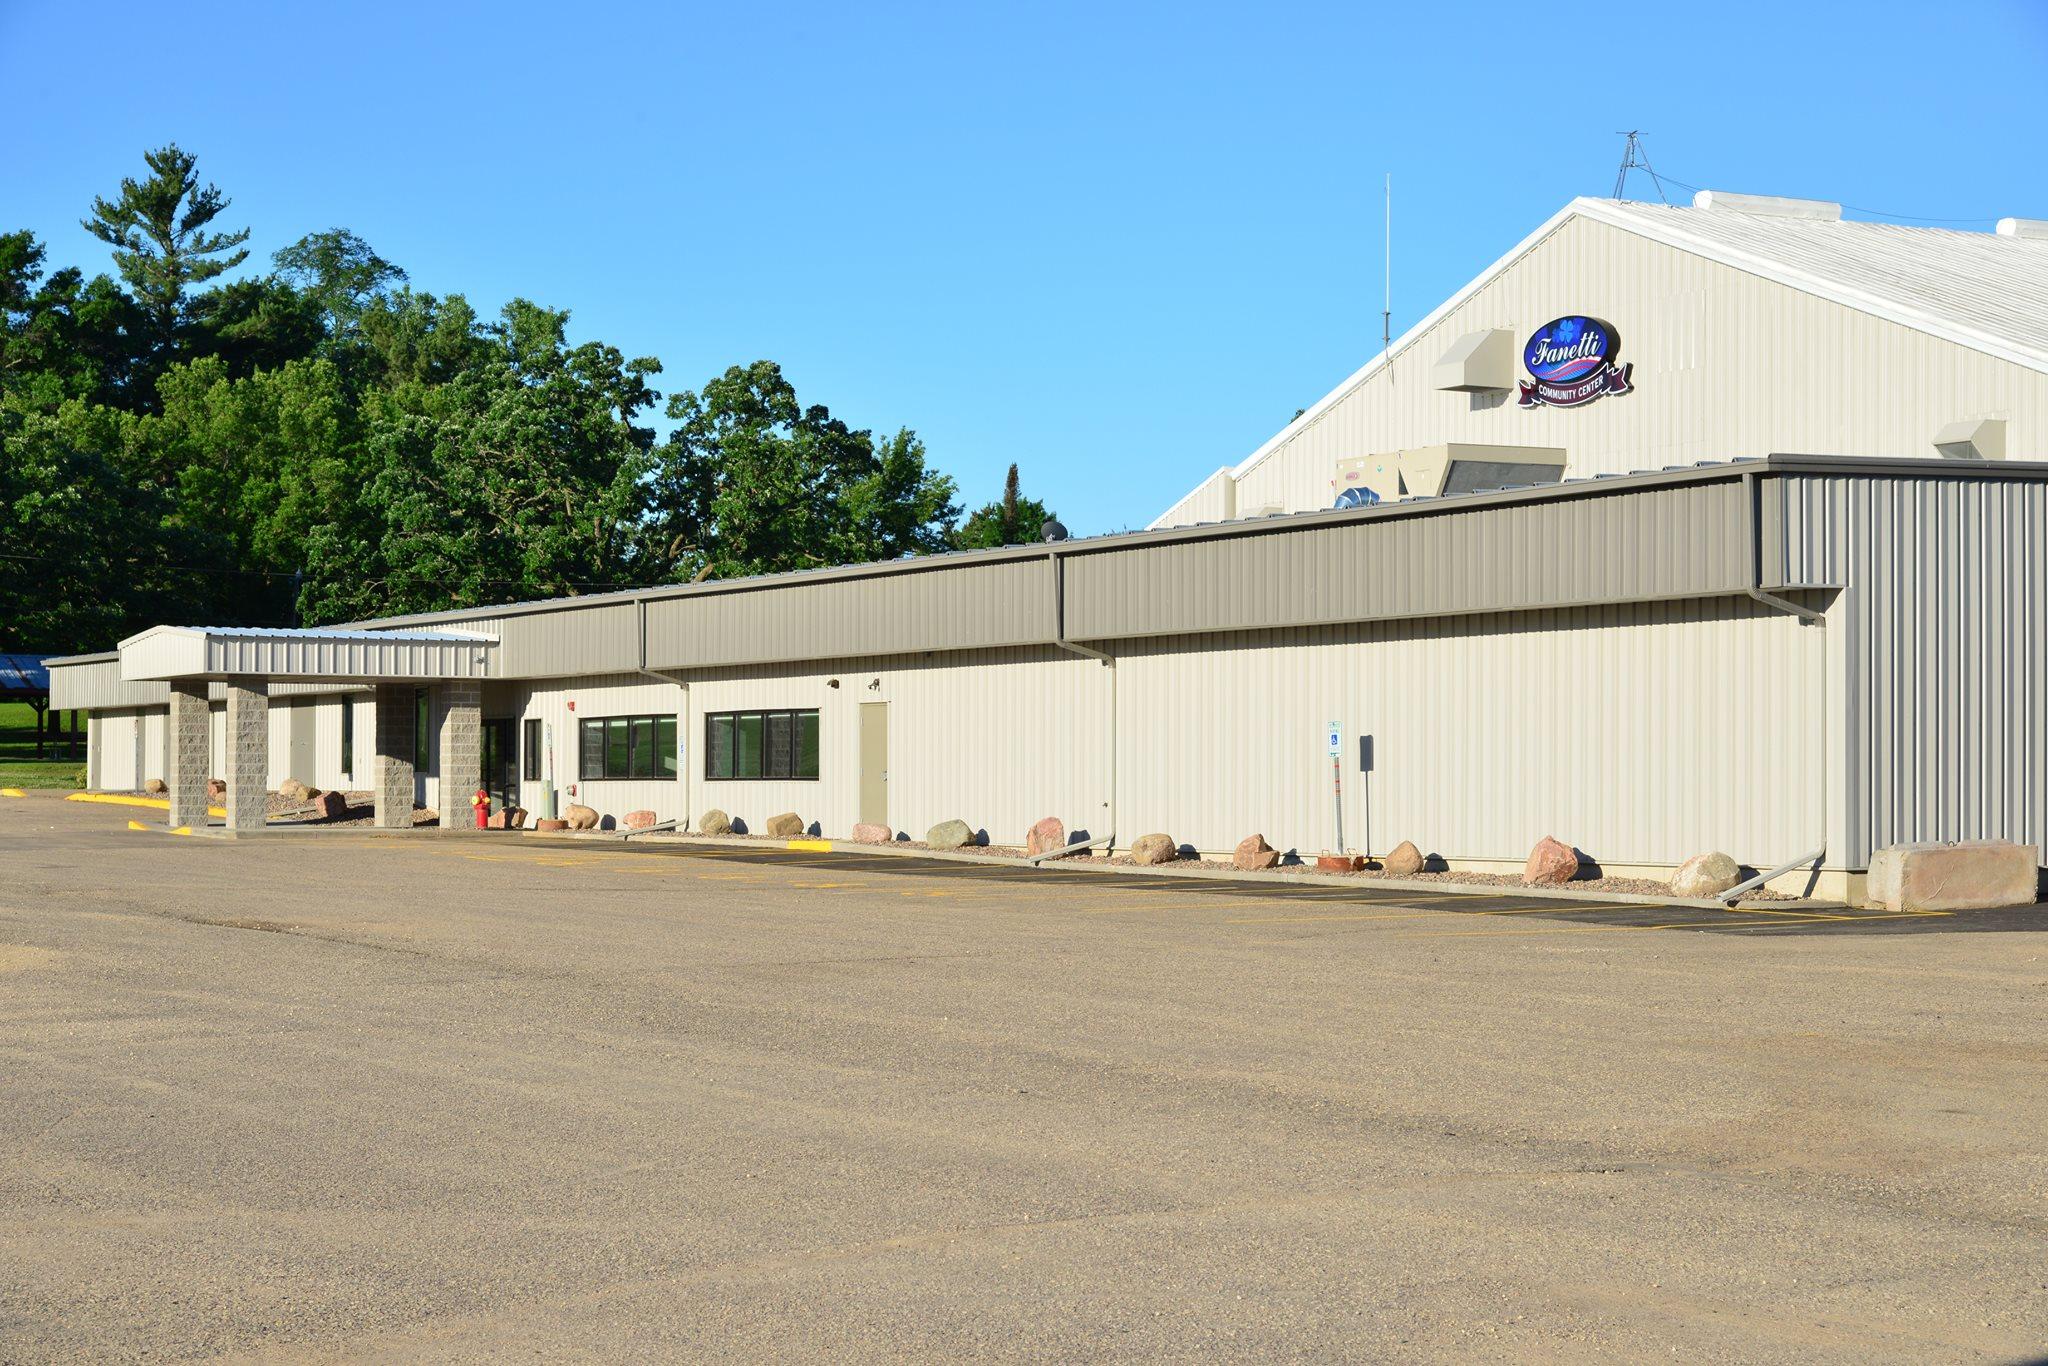 Fannetti Community Center